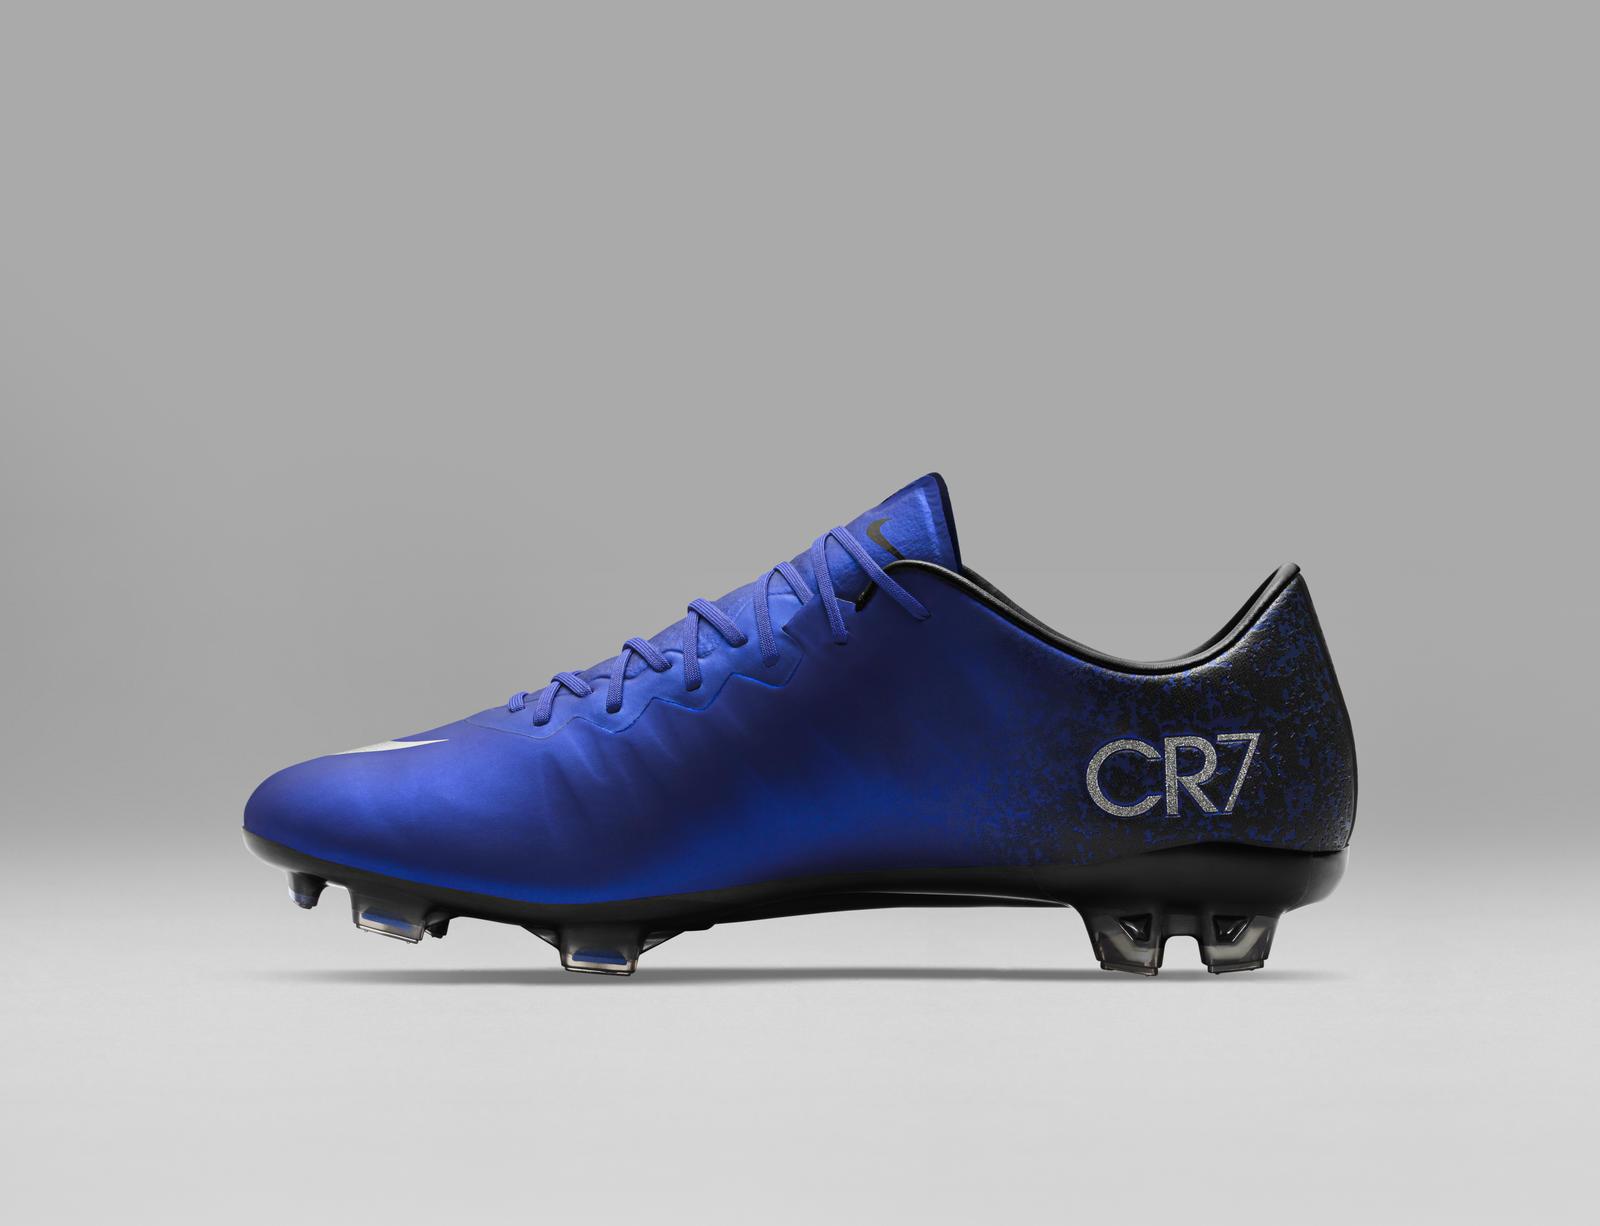 sito affidabile 18e6e 6d60d Le nuove scarpe di CR7 | Foto - Sportmediaset